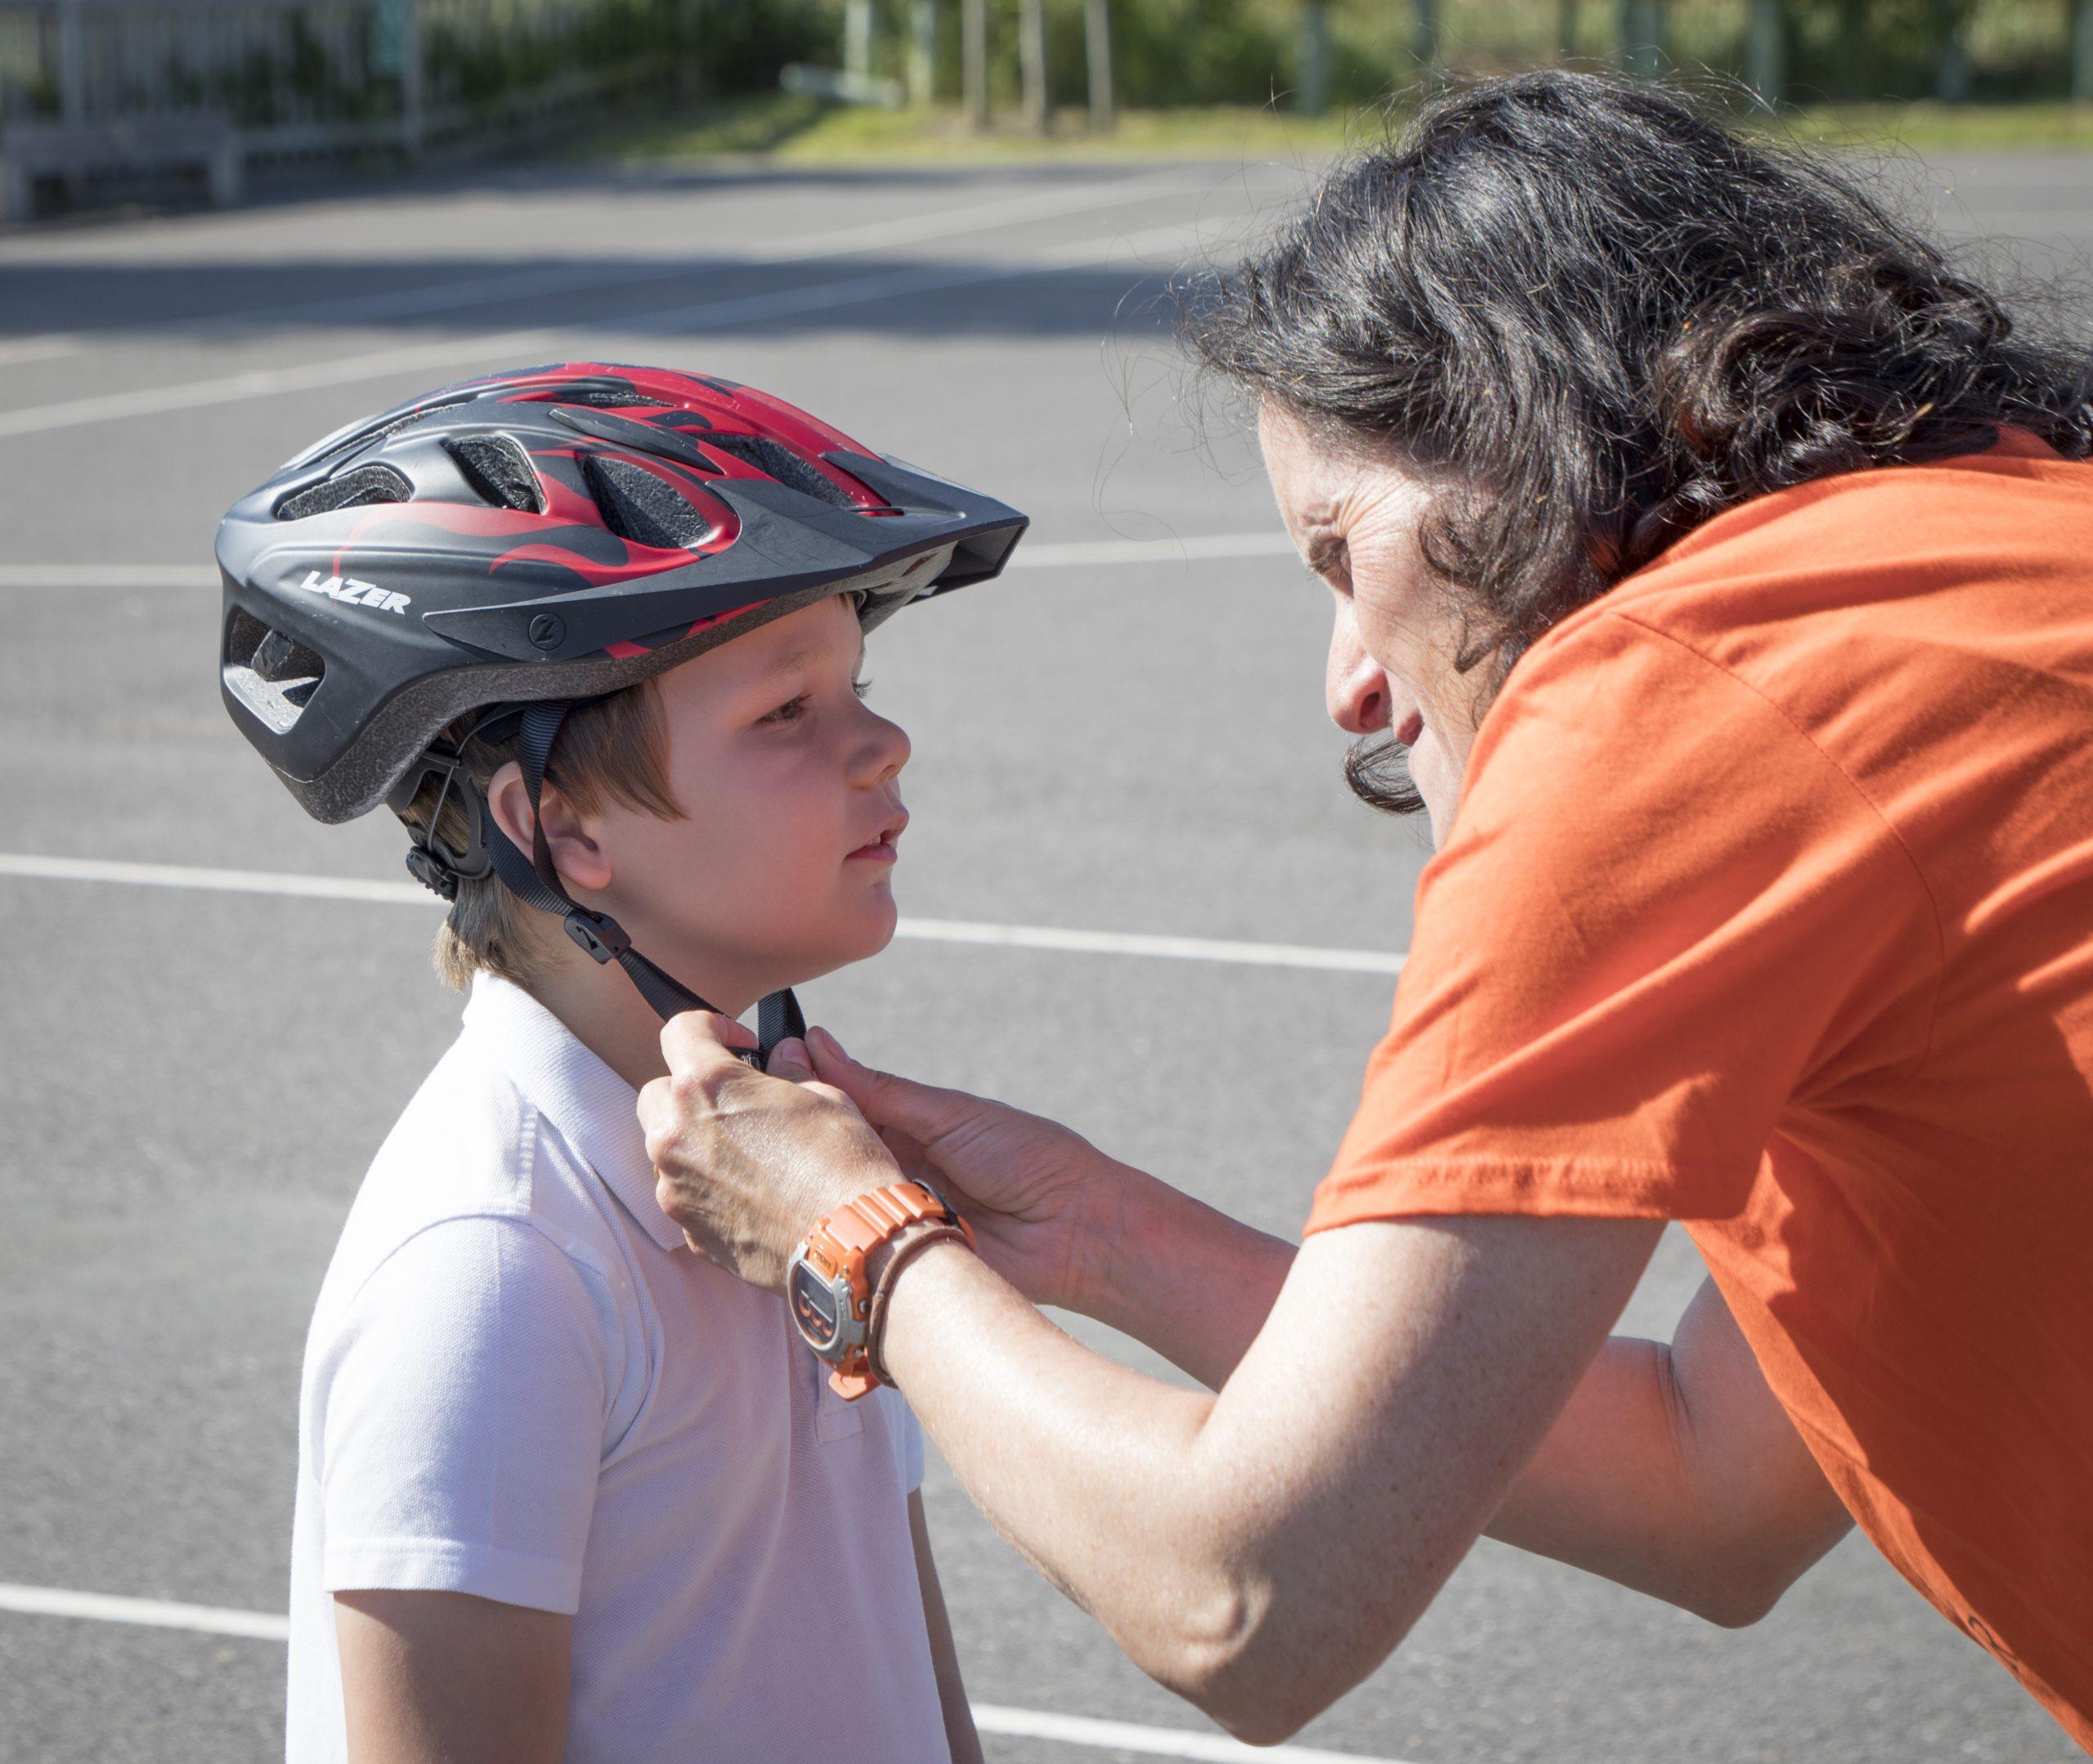 A woman puts a cycle helmet on a boy